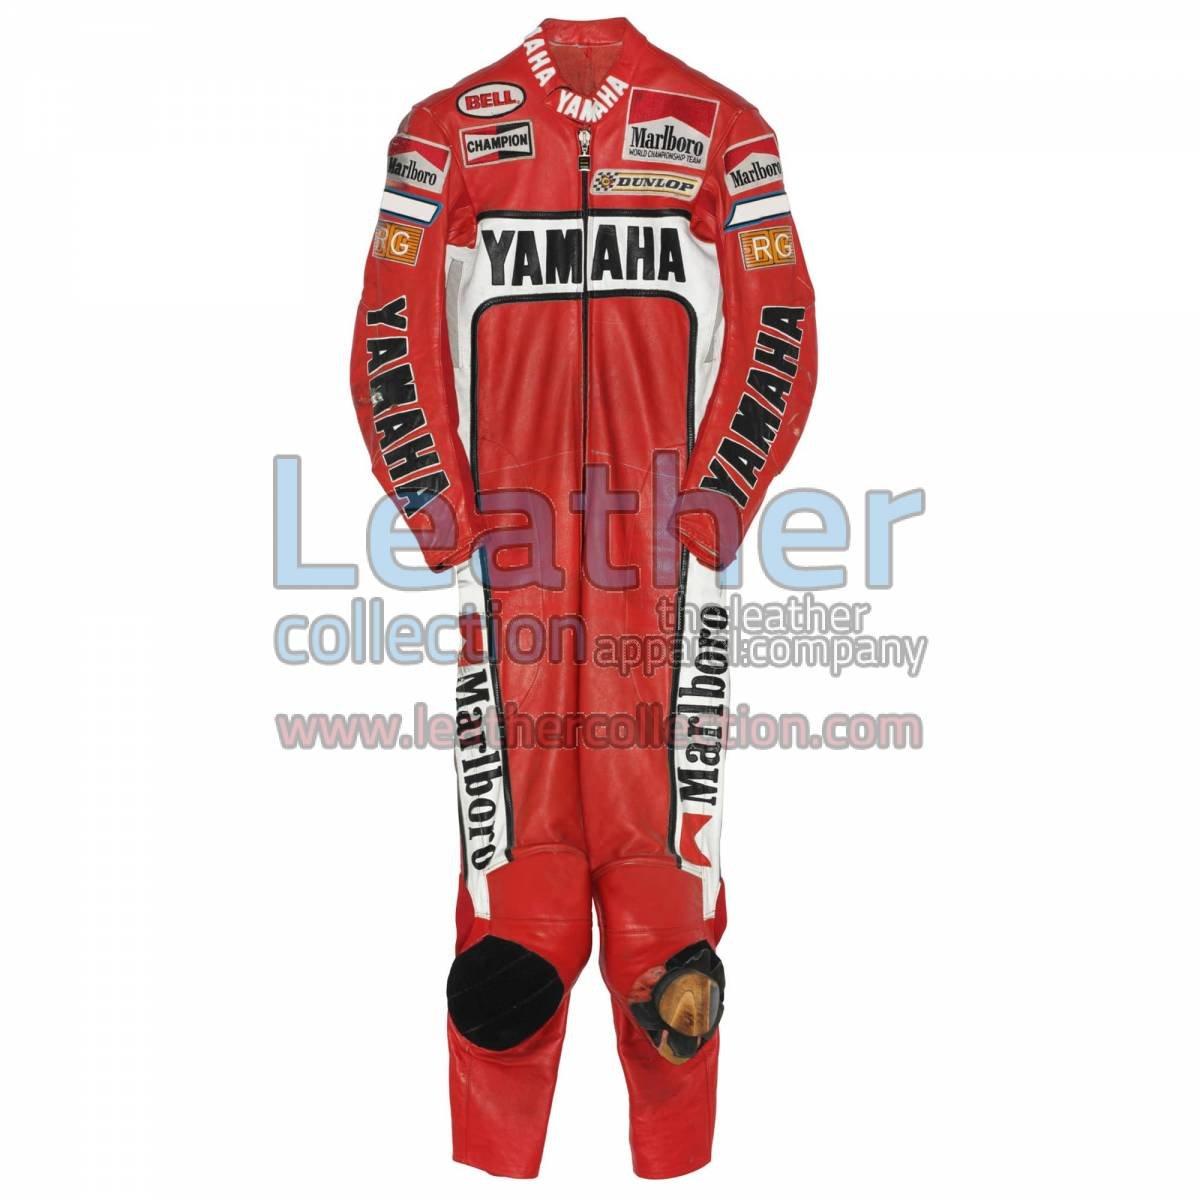 Eddie Lawson Marlboro Yamaha GP 1988 Leathers